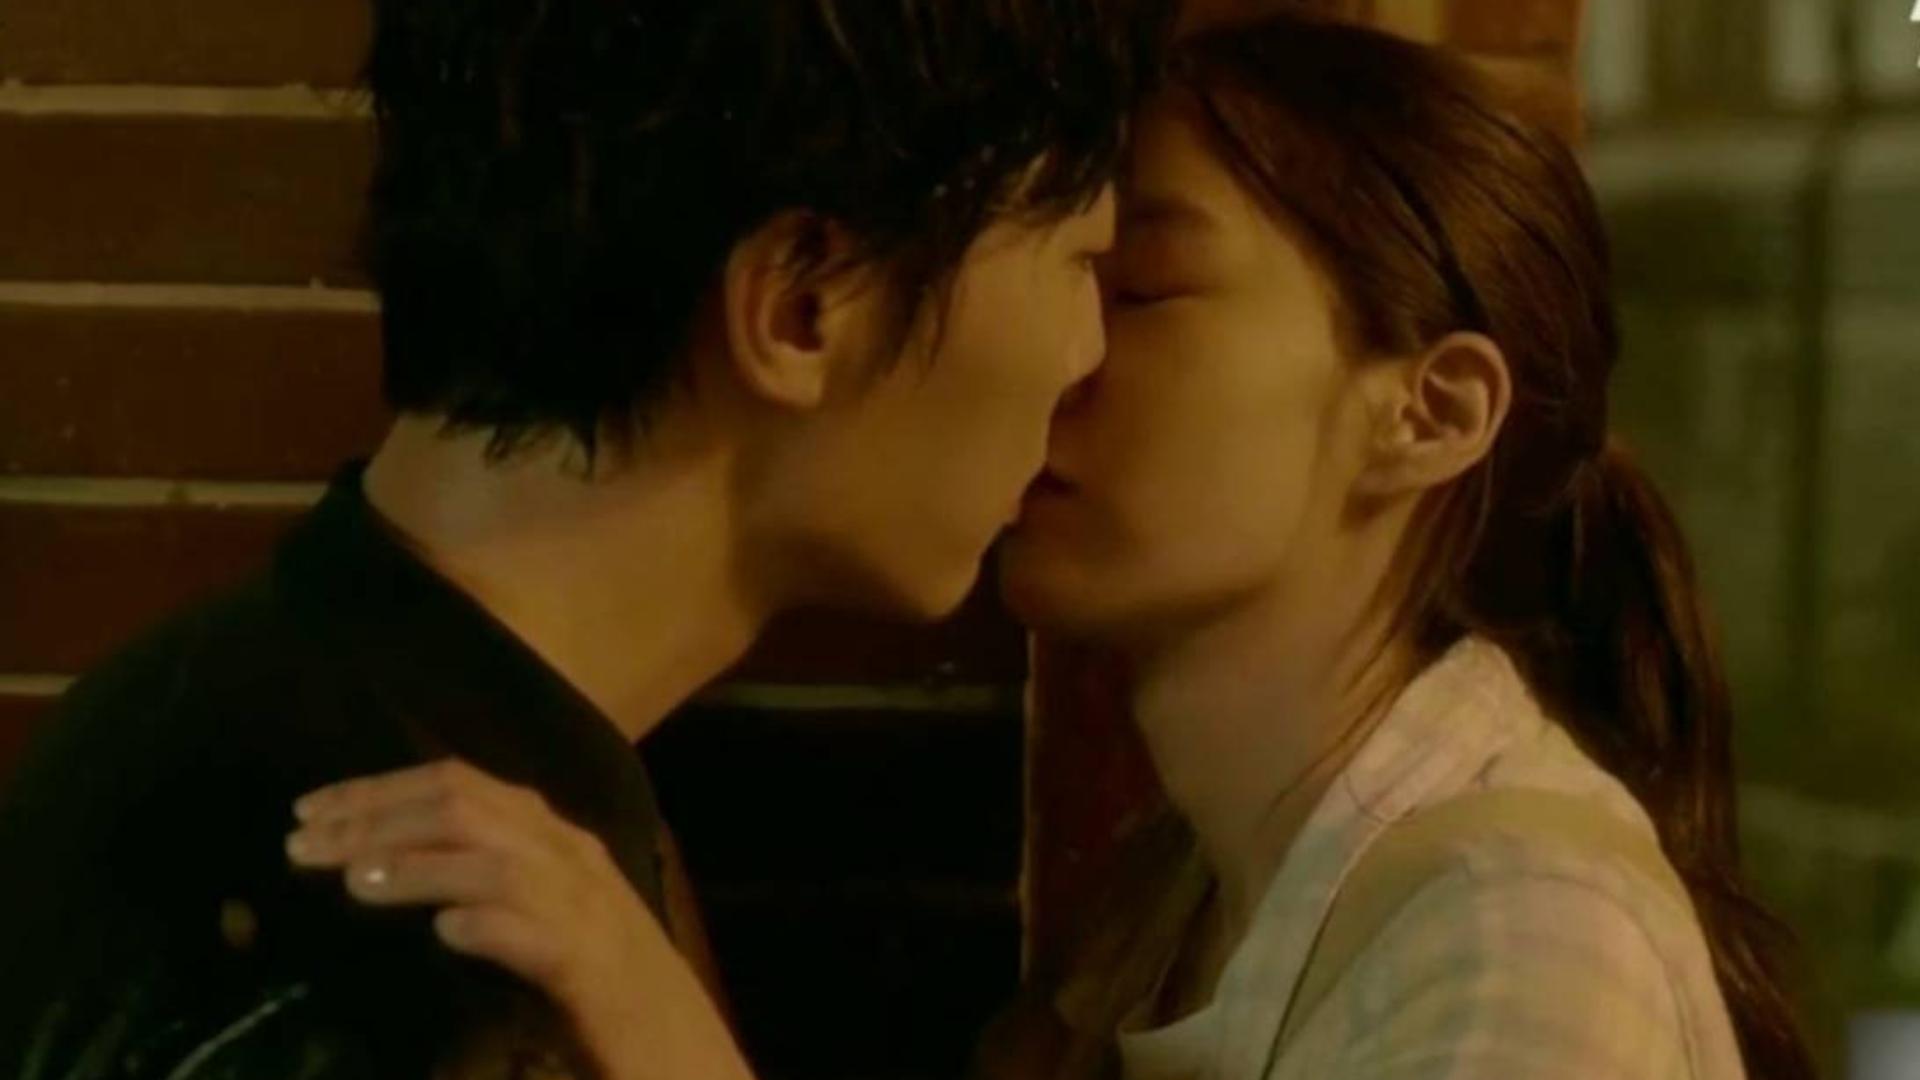 「高能+高甜吻戏合集」得不到的的永远在骚动,到底是在接吻还是在吃人